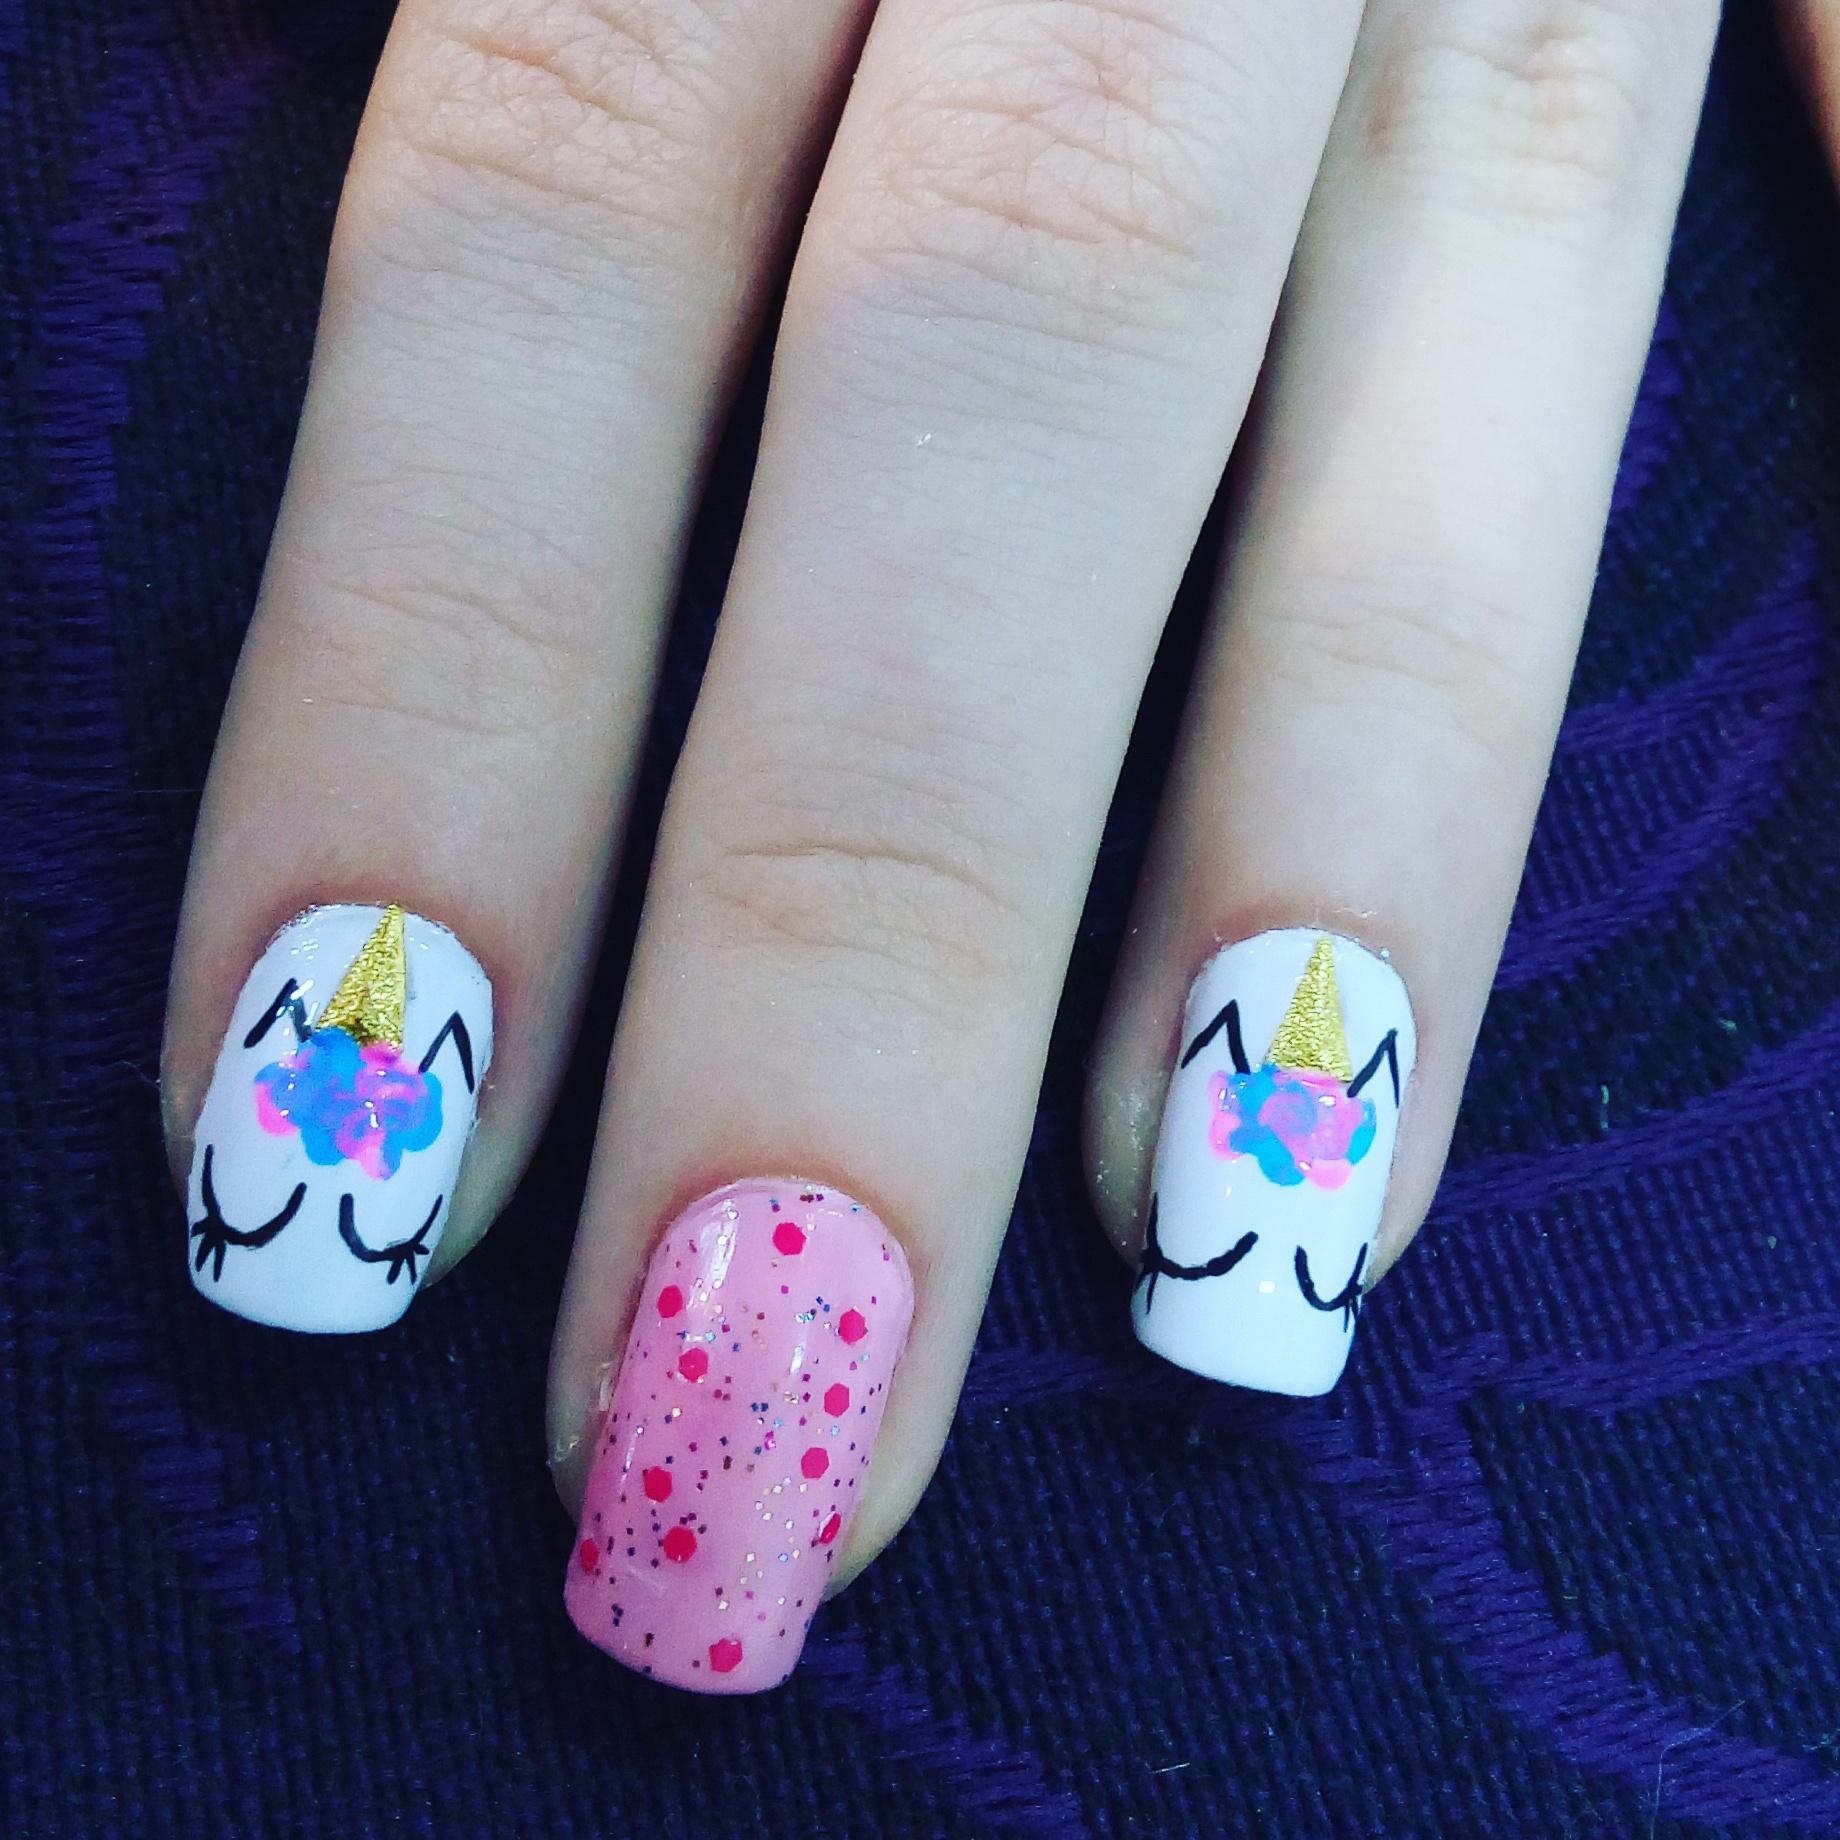 Unhas de Unicornio #unicornio #unhas #nails #nailarts #unhabonitatudodebom #lovenails #manicuretop #nailartist #naillove #esmalte #unhasdasemana #nails  #diva #myjob #unhas #universofeminino #beleza #brilho #nails #nailsart #unhasdecoradas #unhas #unhasdediva #myjob #manicure #naildesign #lovenails unha manicure e pedicure